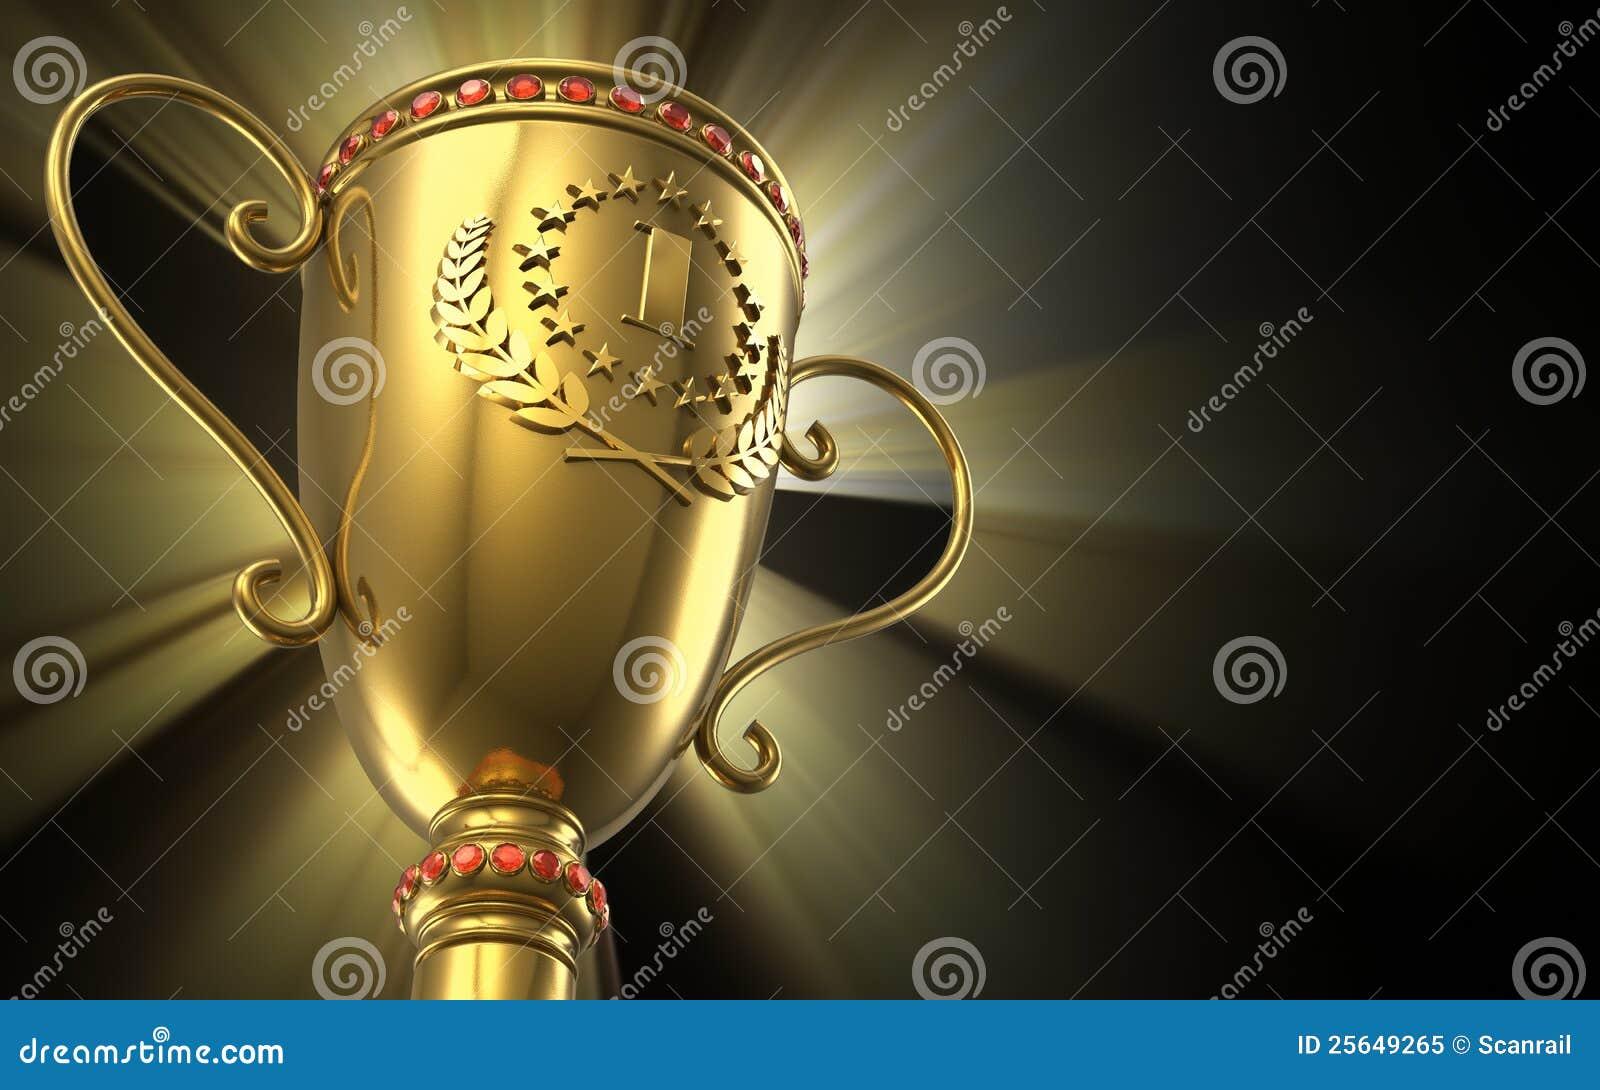 Gouden gloeiende trofeekop op zwarte achtergrond